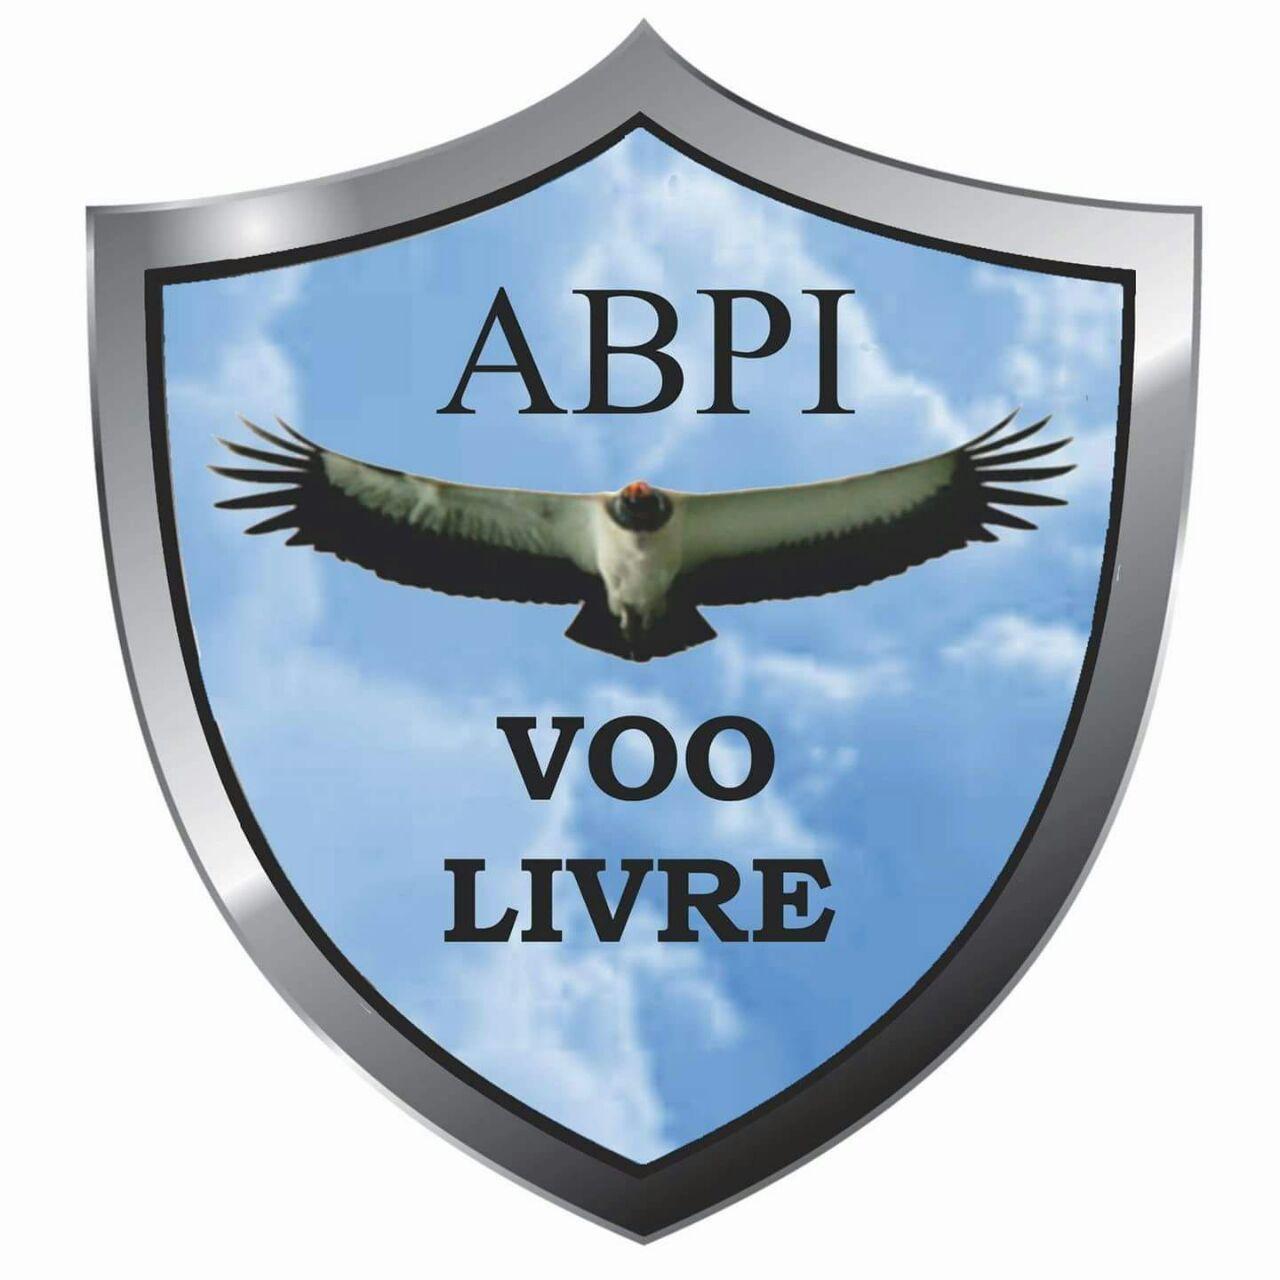 ENTIDADES: Associação Brasileira de Pilotos e Instrutores.